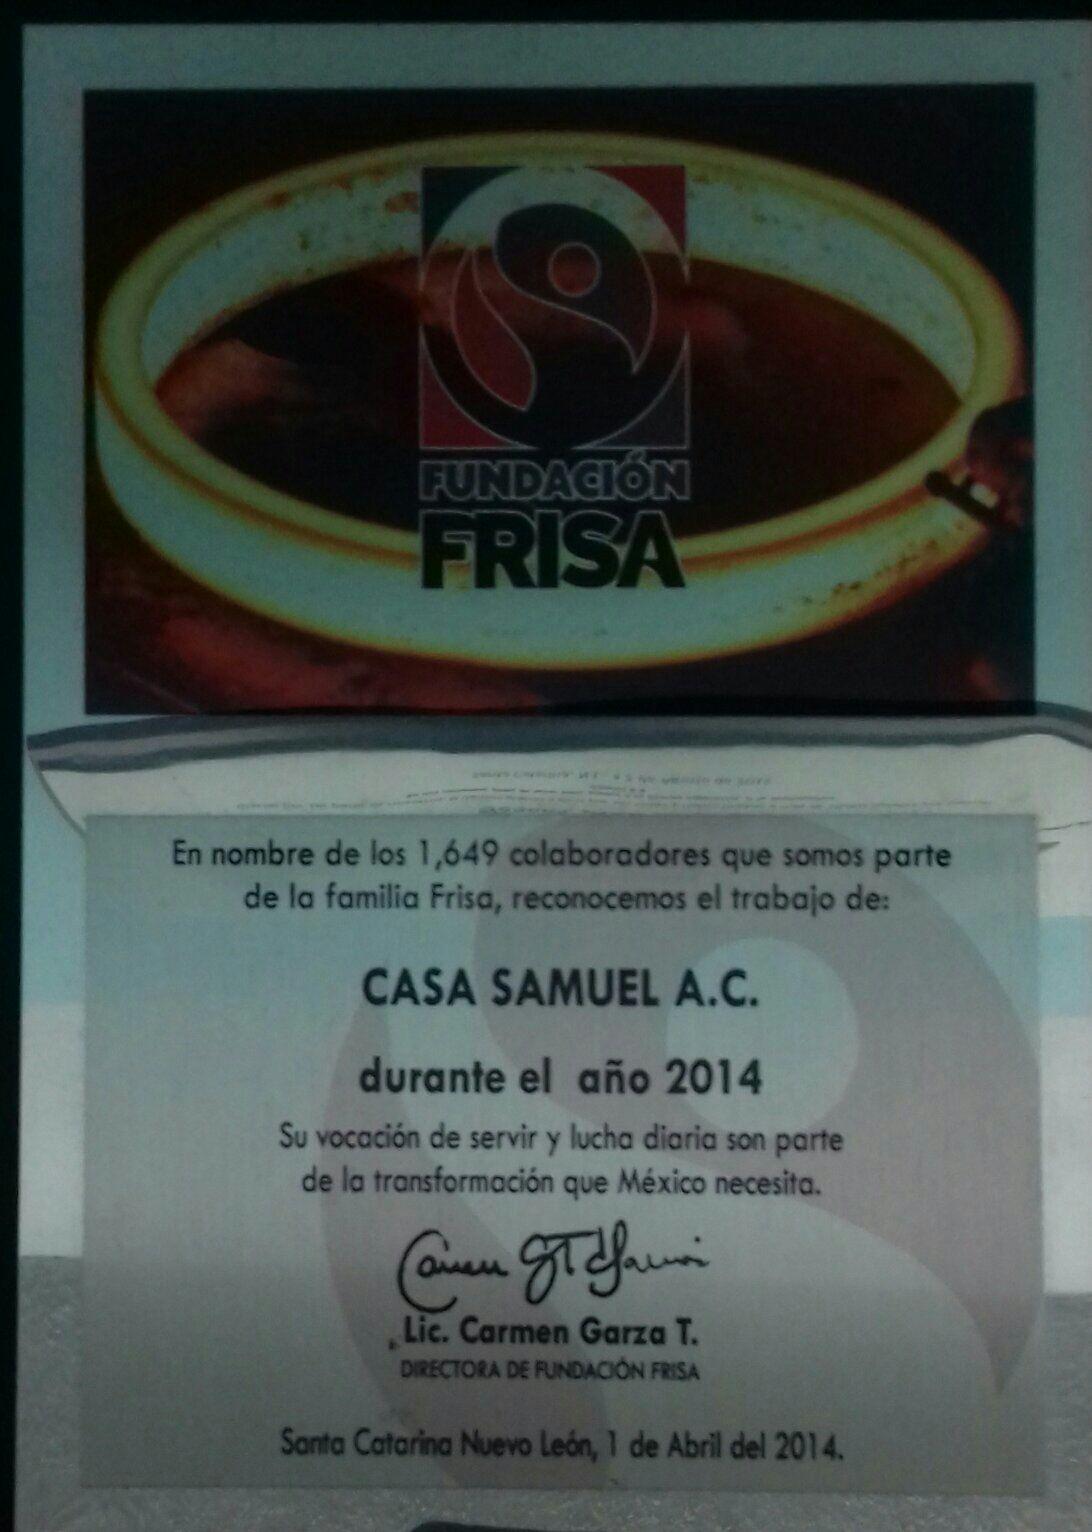 PREMIO VOCACION DE SERVIR FUNDACION FRISA 2014